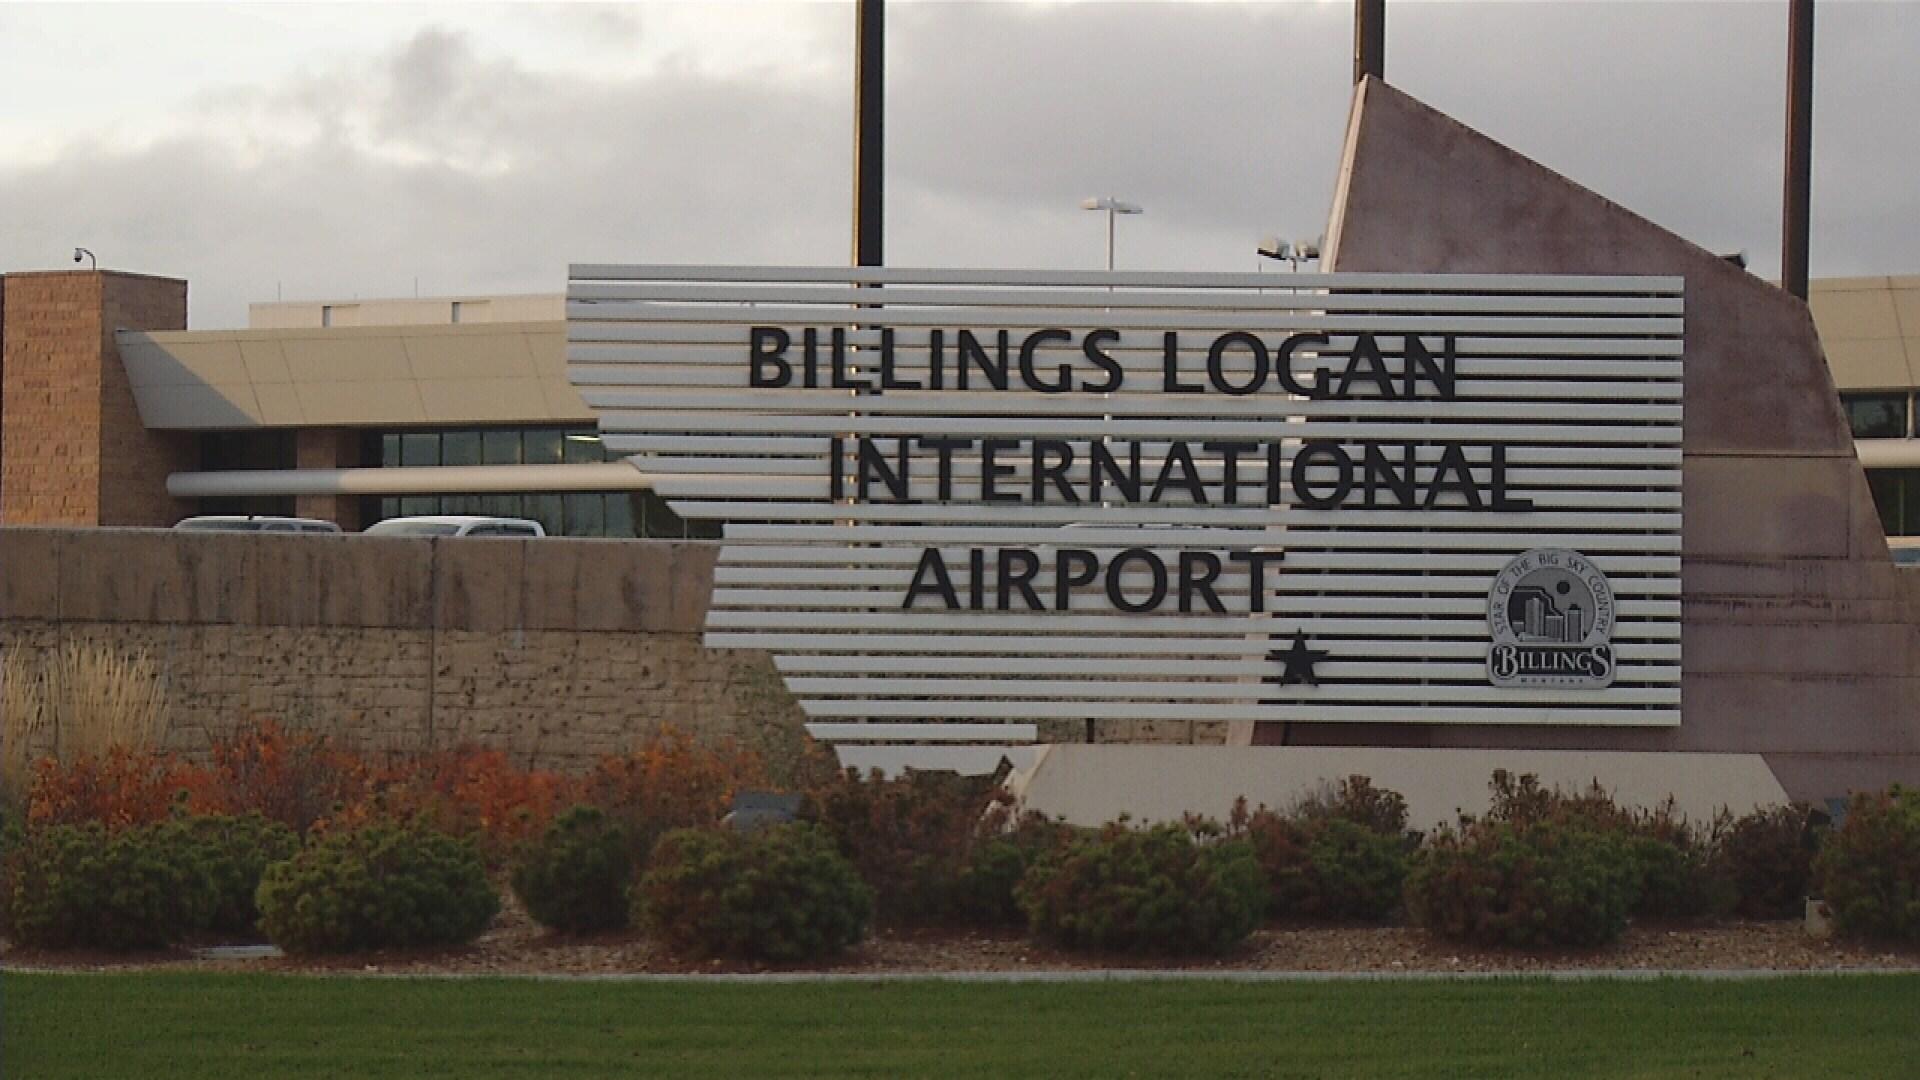 Billings Logan International Airport selected to receive grant (MTN News)